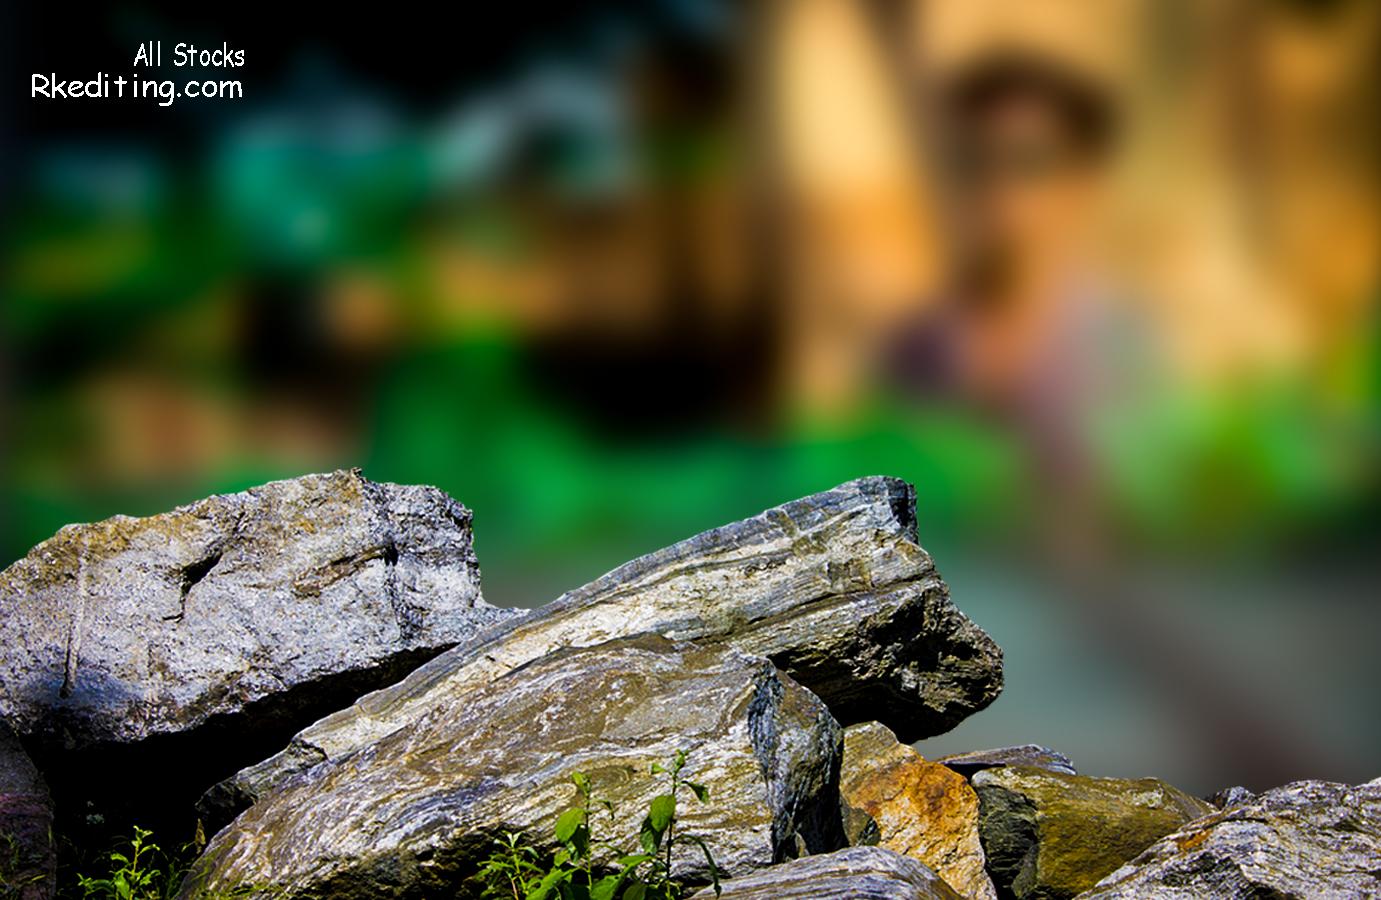 Picsart Editing Background Wallpaper Idea Gallery - Editing Picsart Background Hd , HD Wallpaper & Backgrounds